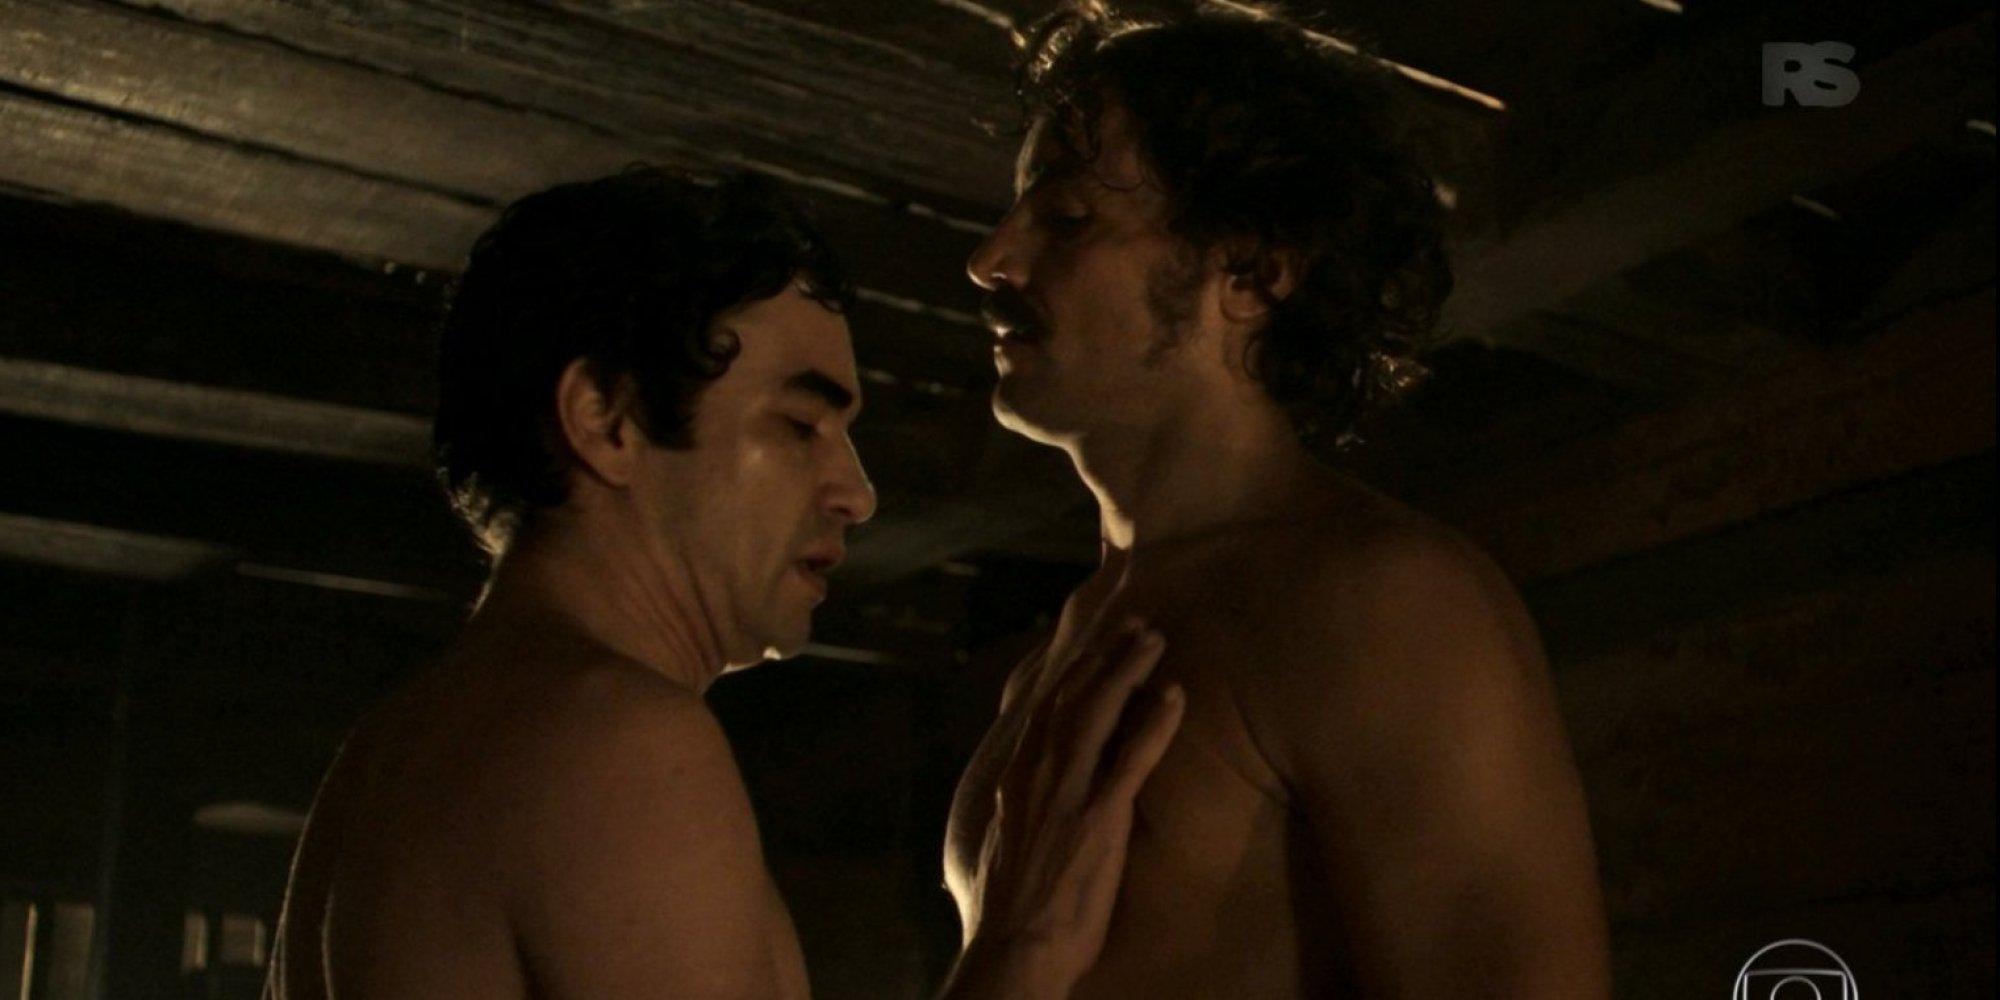 VÍDEOS PORNO GAY DE VESTUARIOS GRATIS - SEXO GAY